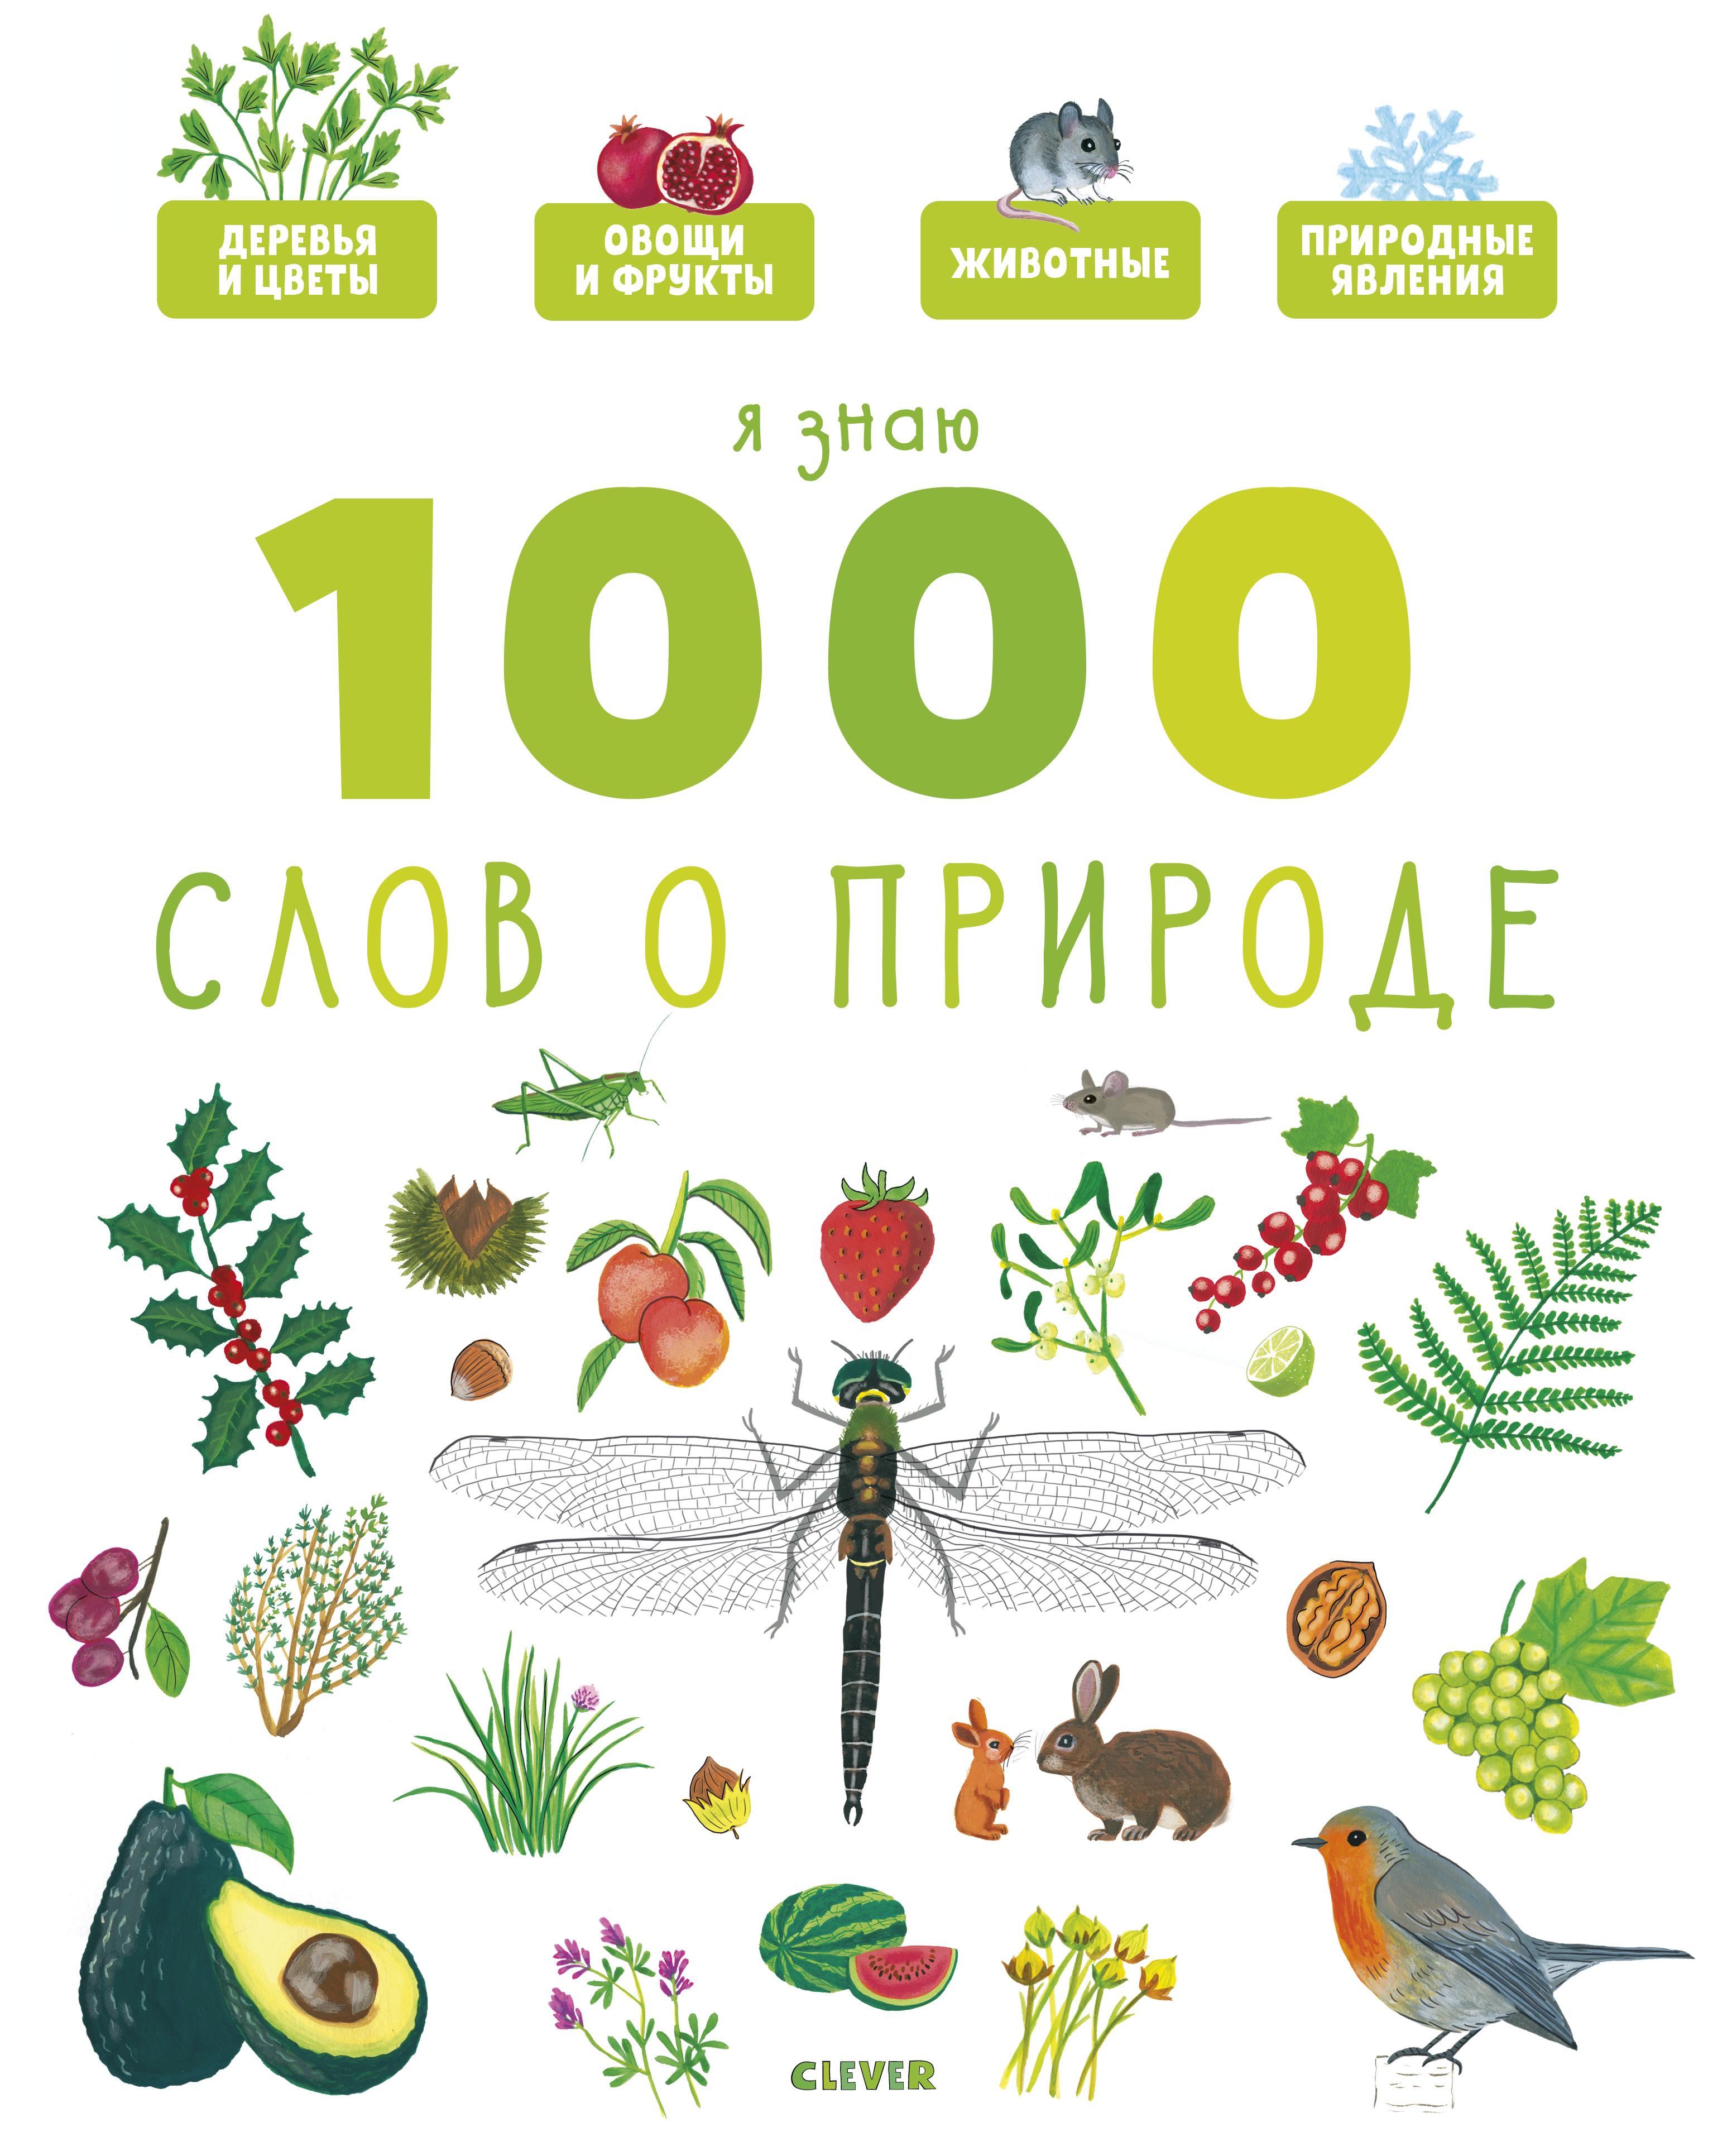 Купить Главная книга Малыша. Я Знаю 1000 Слов о природе, Clever, Рассказы и повести